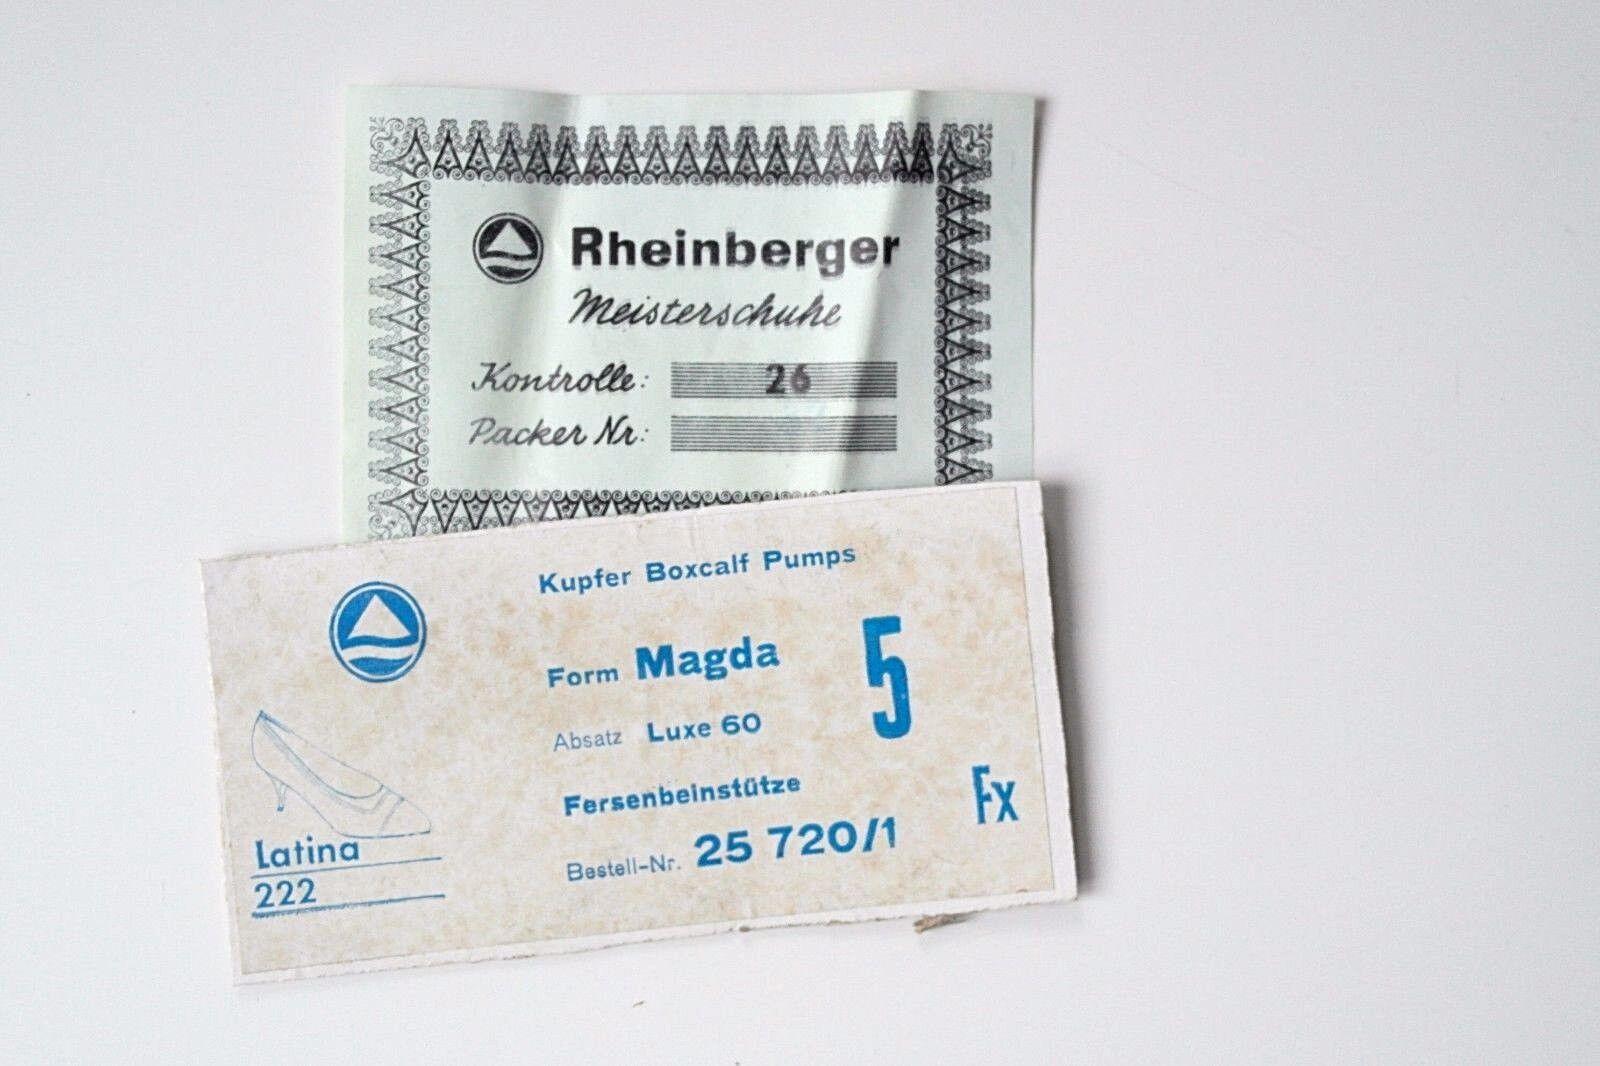 TRUE VINTAGE Damen Pumps Schuhe Rheinberger Madame Latina NOS Schuhe Pumps Halbschuhe EUR 38 bf3d4a